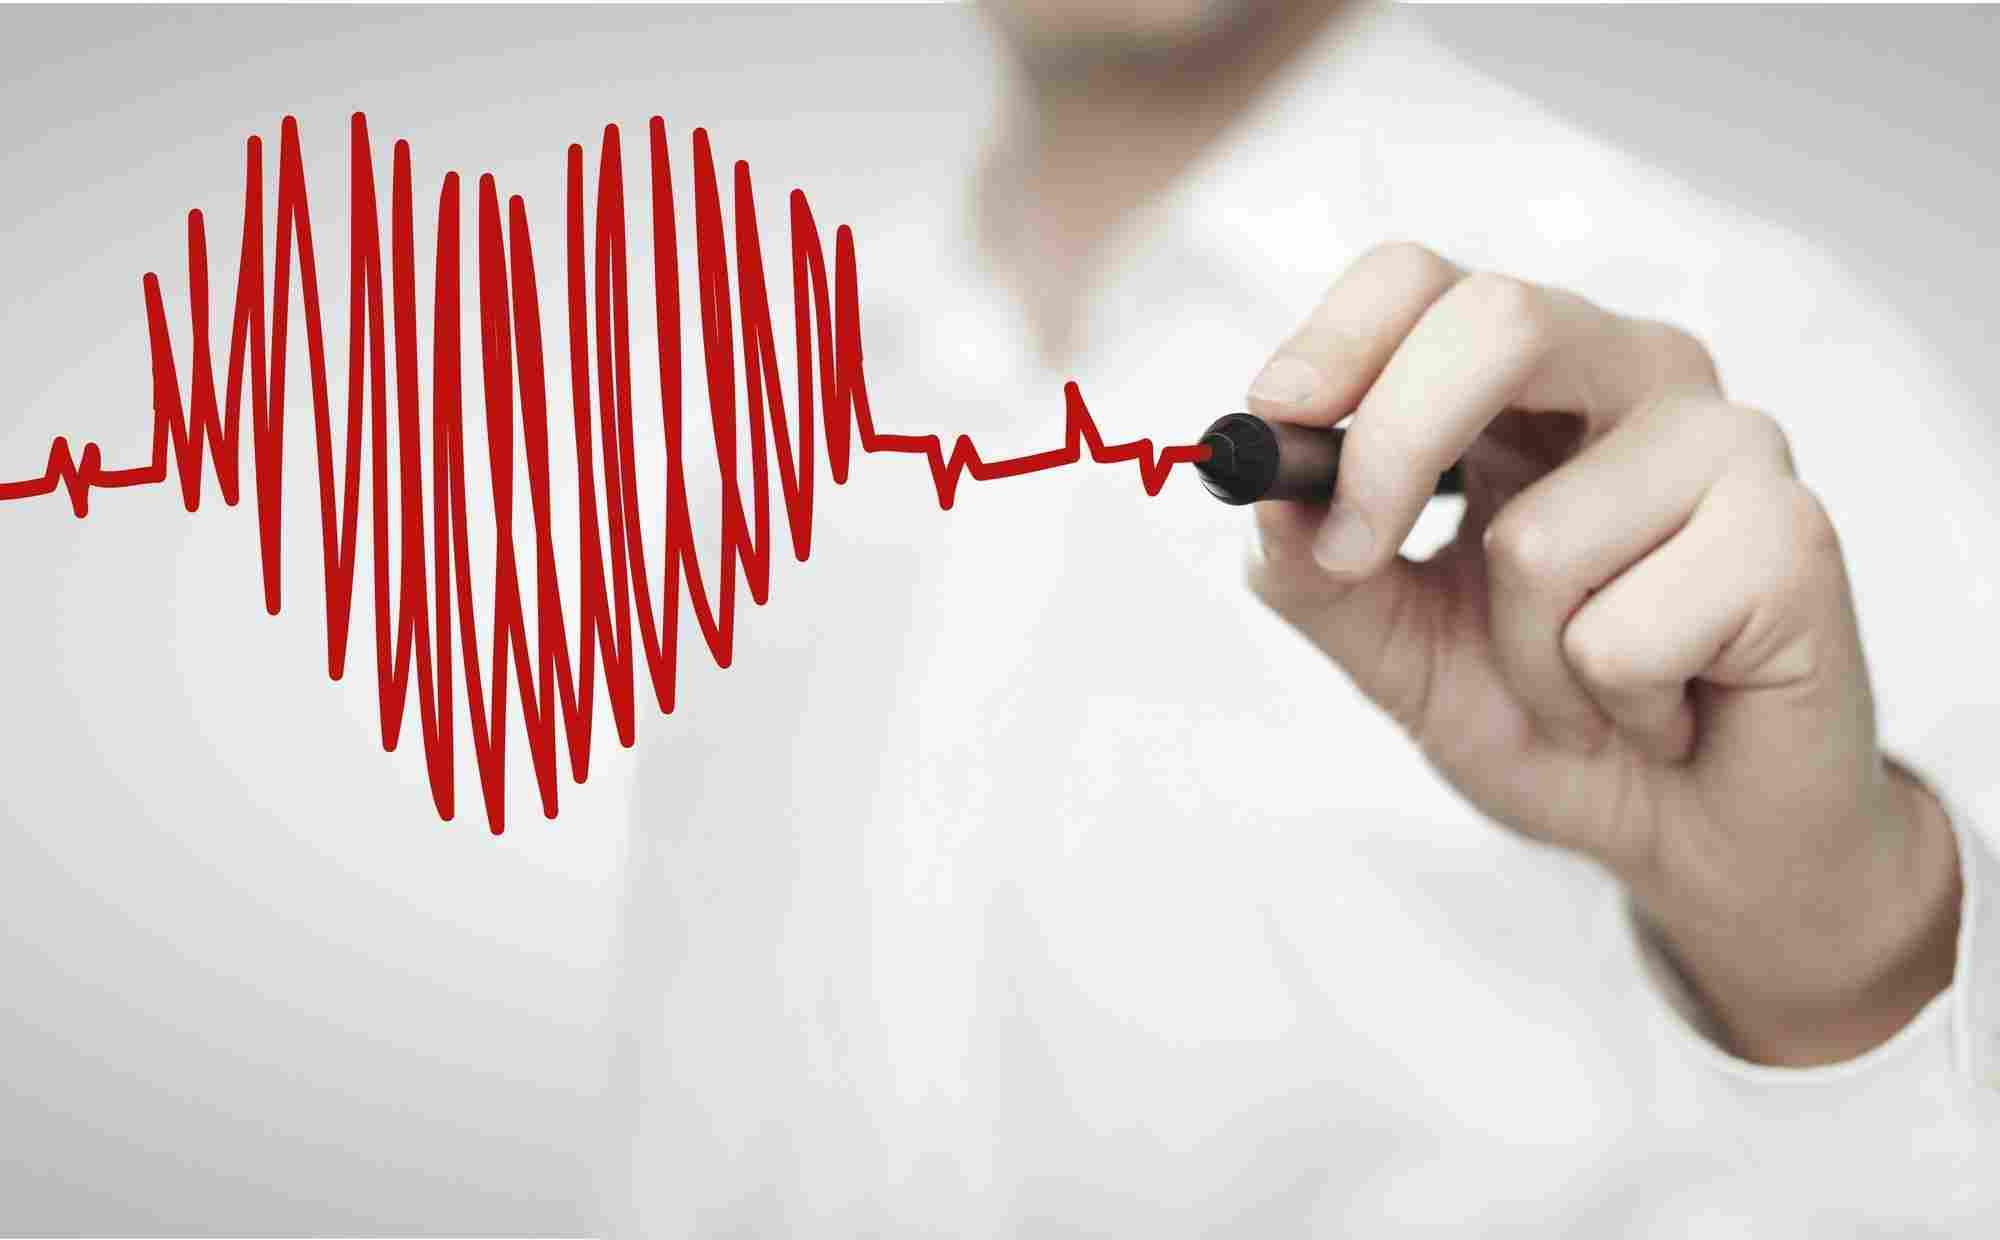 https://panmedik.com/wp-content/uploads/2015/12/heart-health-1.jpg